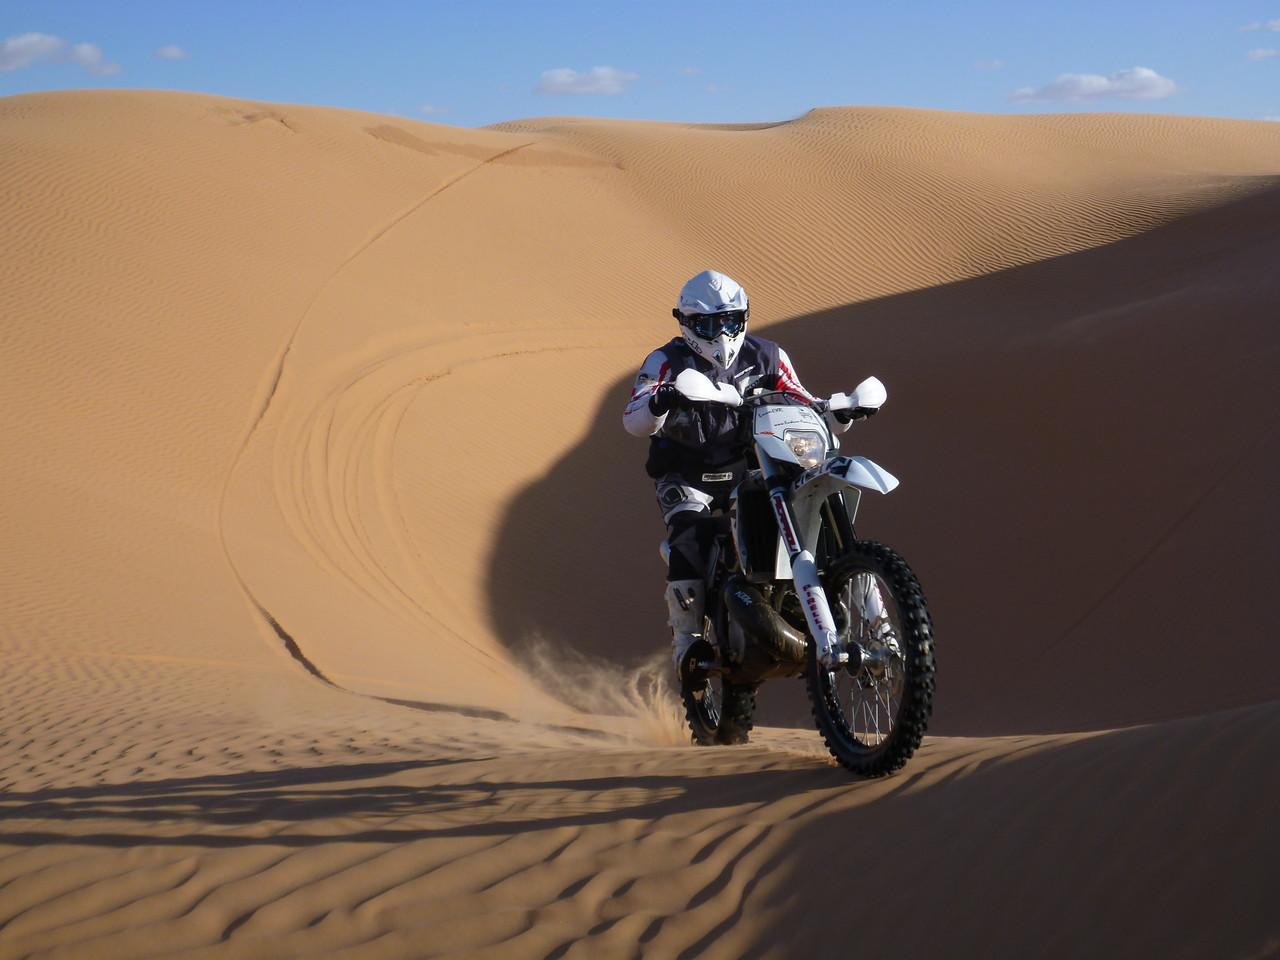 MOTORBIKE TOURS QUAD BIKE TOURS BUGGYTOURS 4 x 4 SELF-DRIVE TOURS ENDURO TOURS ADVENTURE TOURS OFFROADTOURS TUNISIA